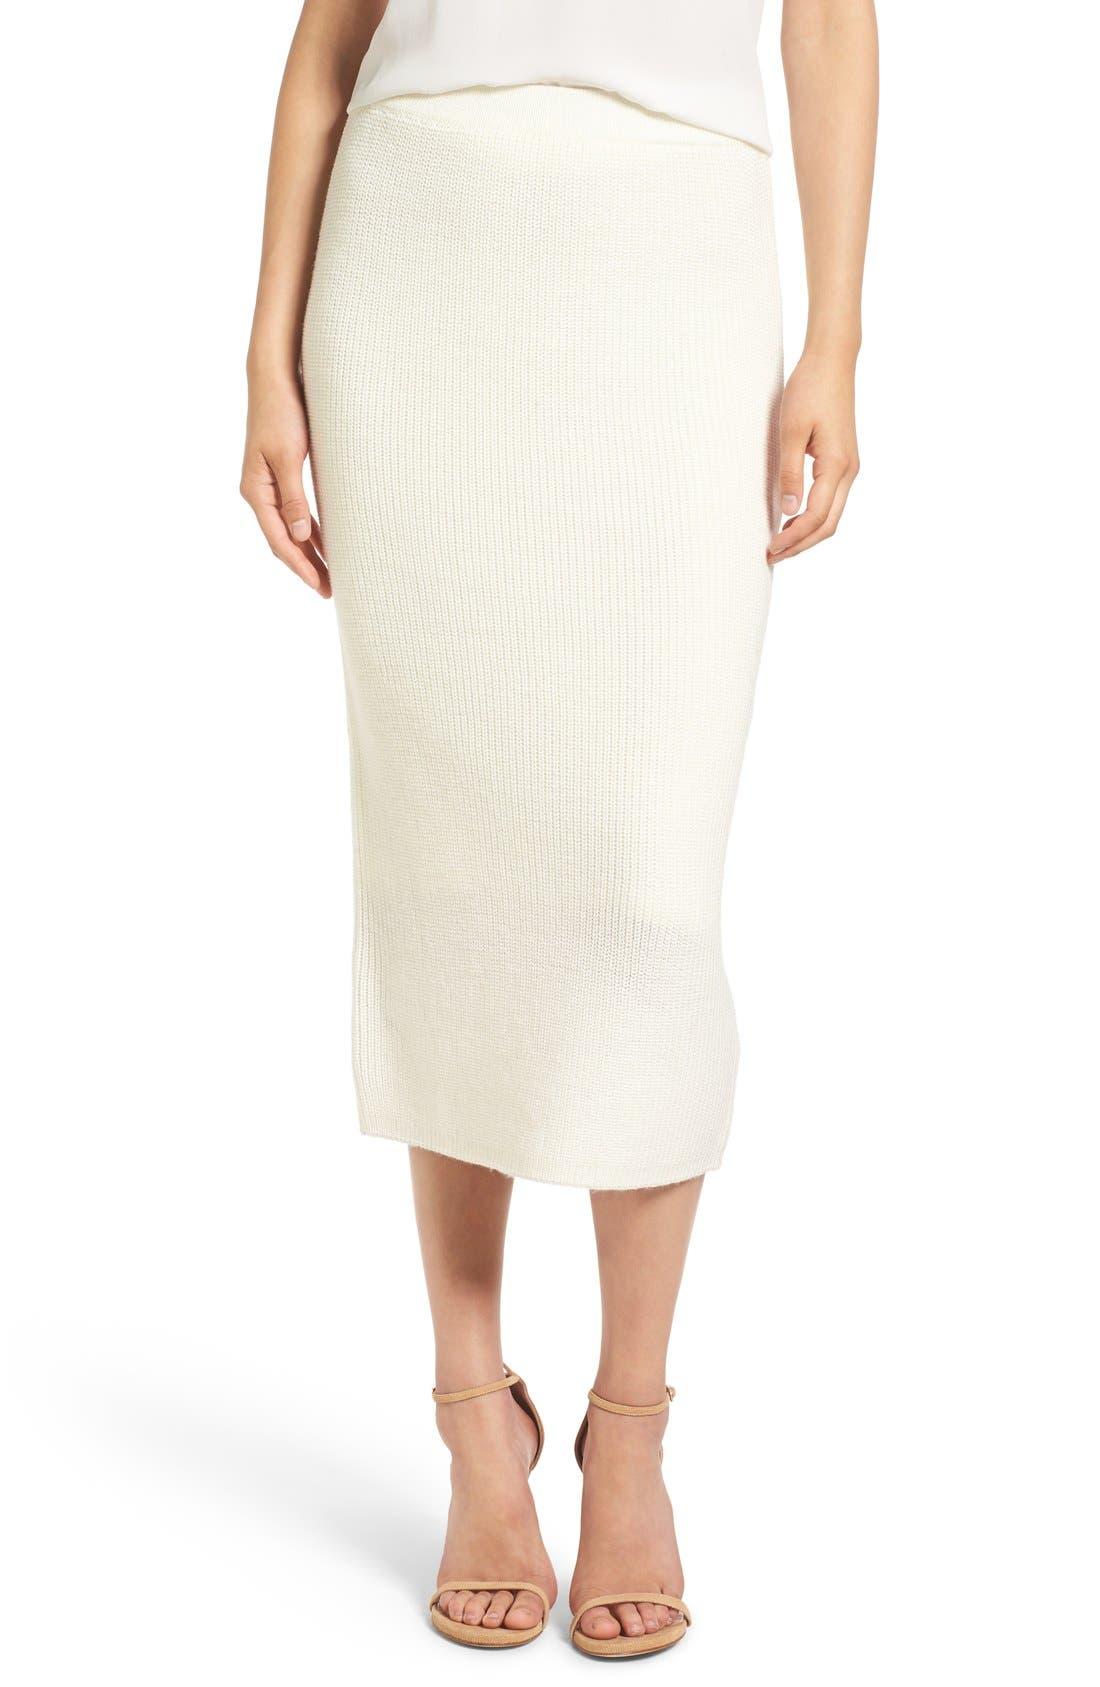 Alternate Image 1 Selected - Paper Crown by Lauren Conrad 'Copenhagen' Knit Tube Skirt